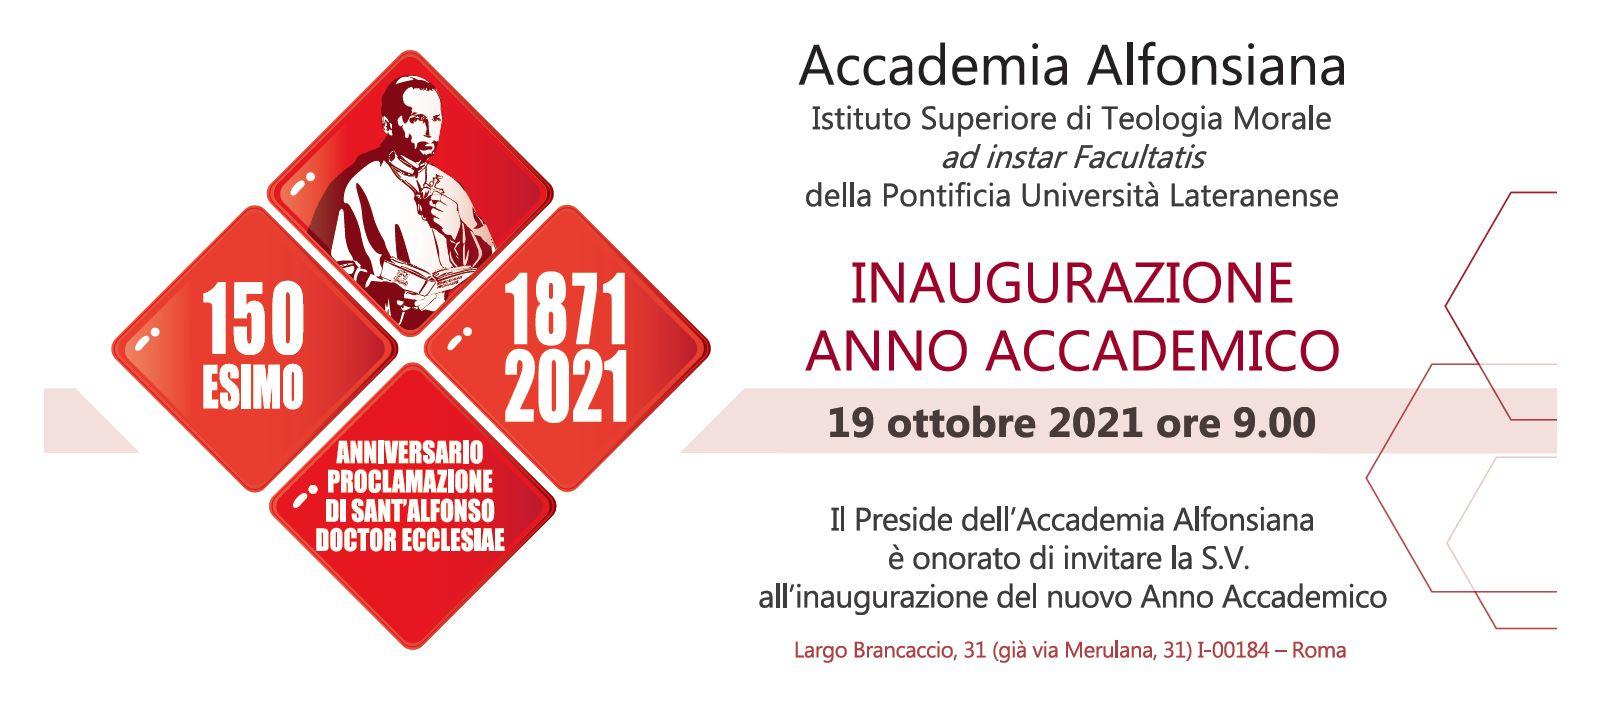 Solenne Inaugurazione dell'anno academico @ Accademia Alfonsiana